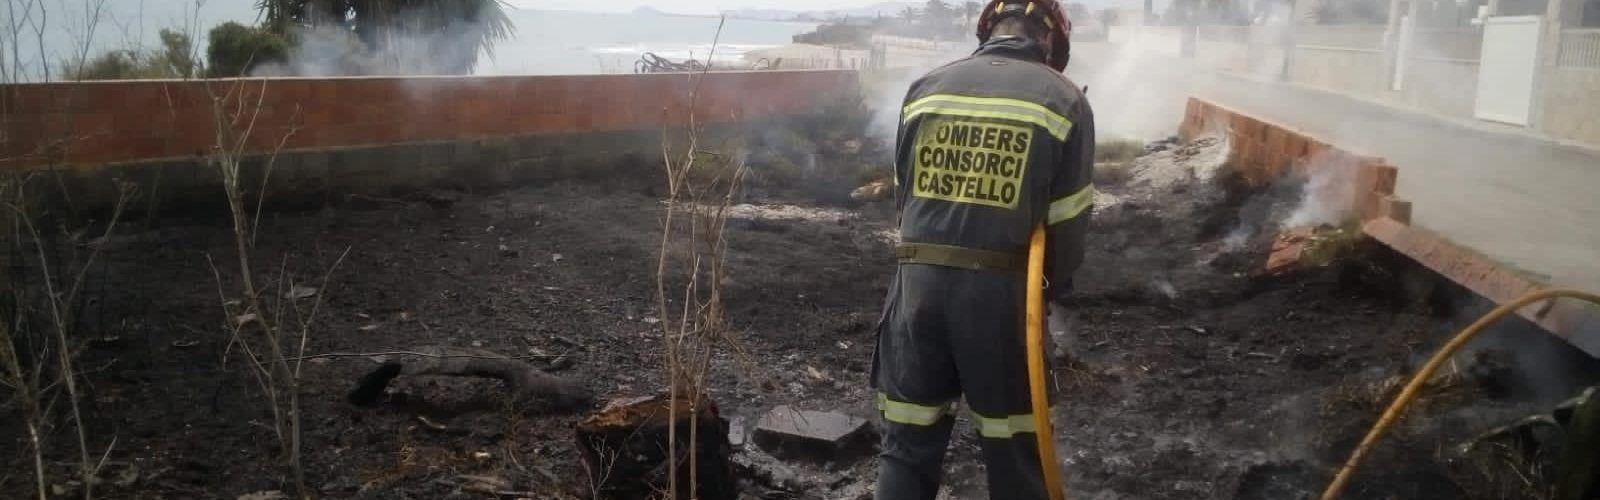 Incendio de vegetación en Vinaròs y retirada de enjambre de abejas en Càlig